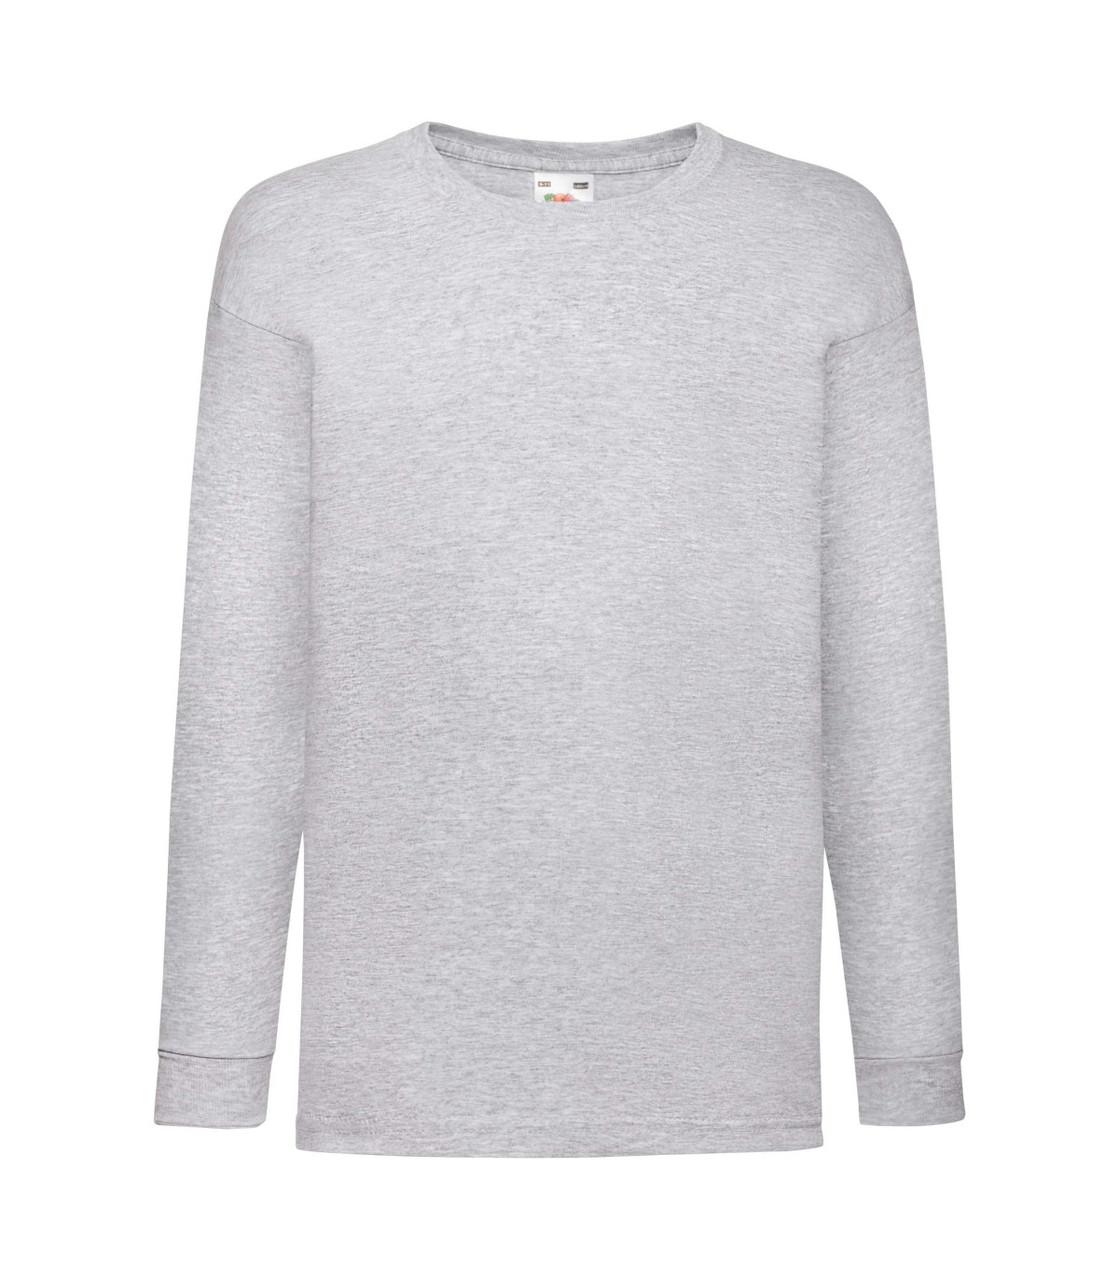 Детская футболка с длинным рукавом светло-серая 007-94